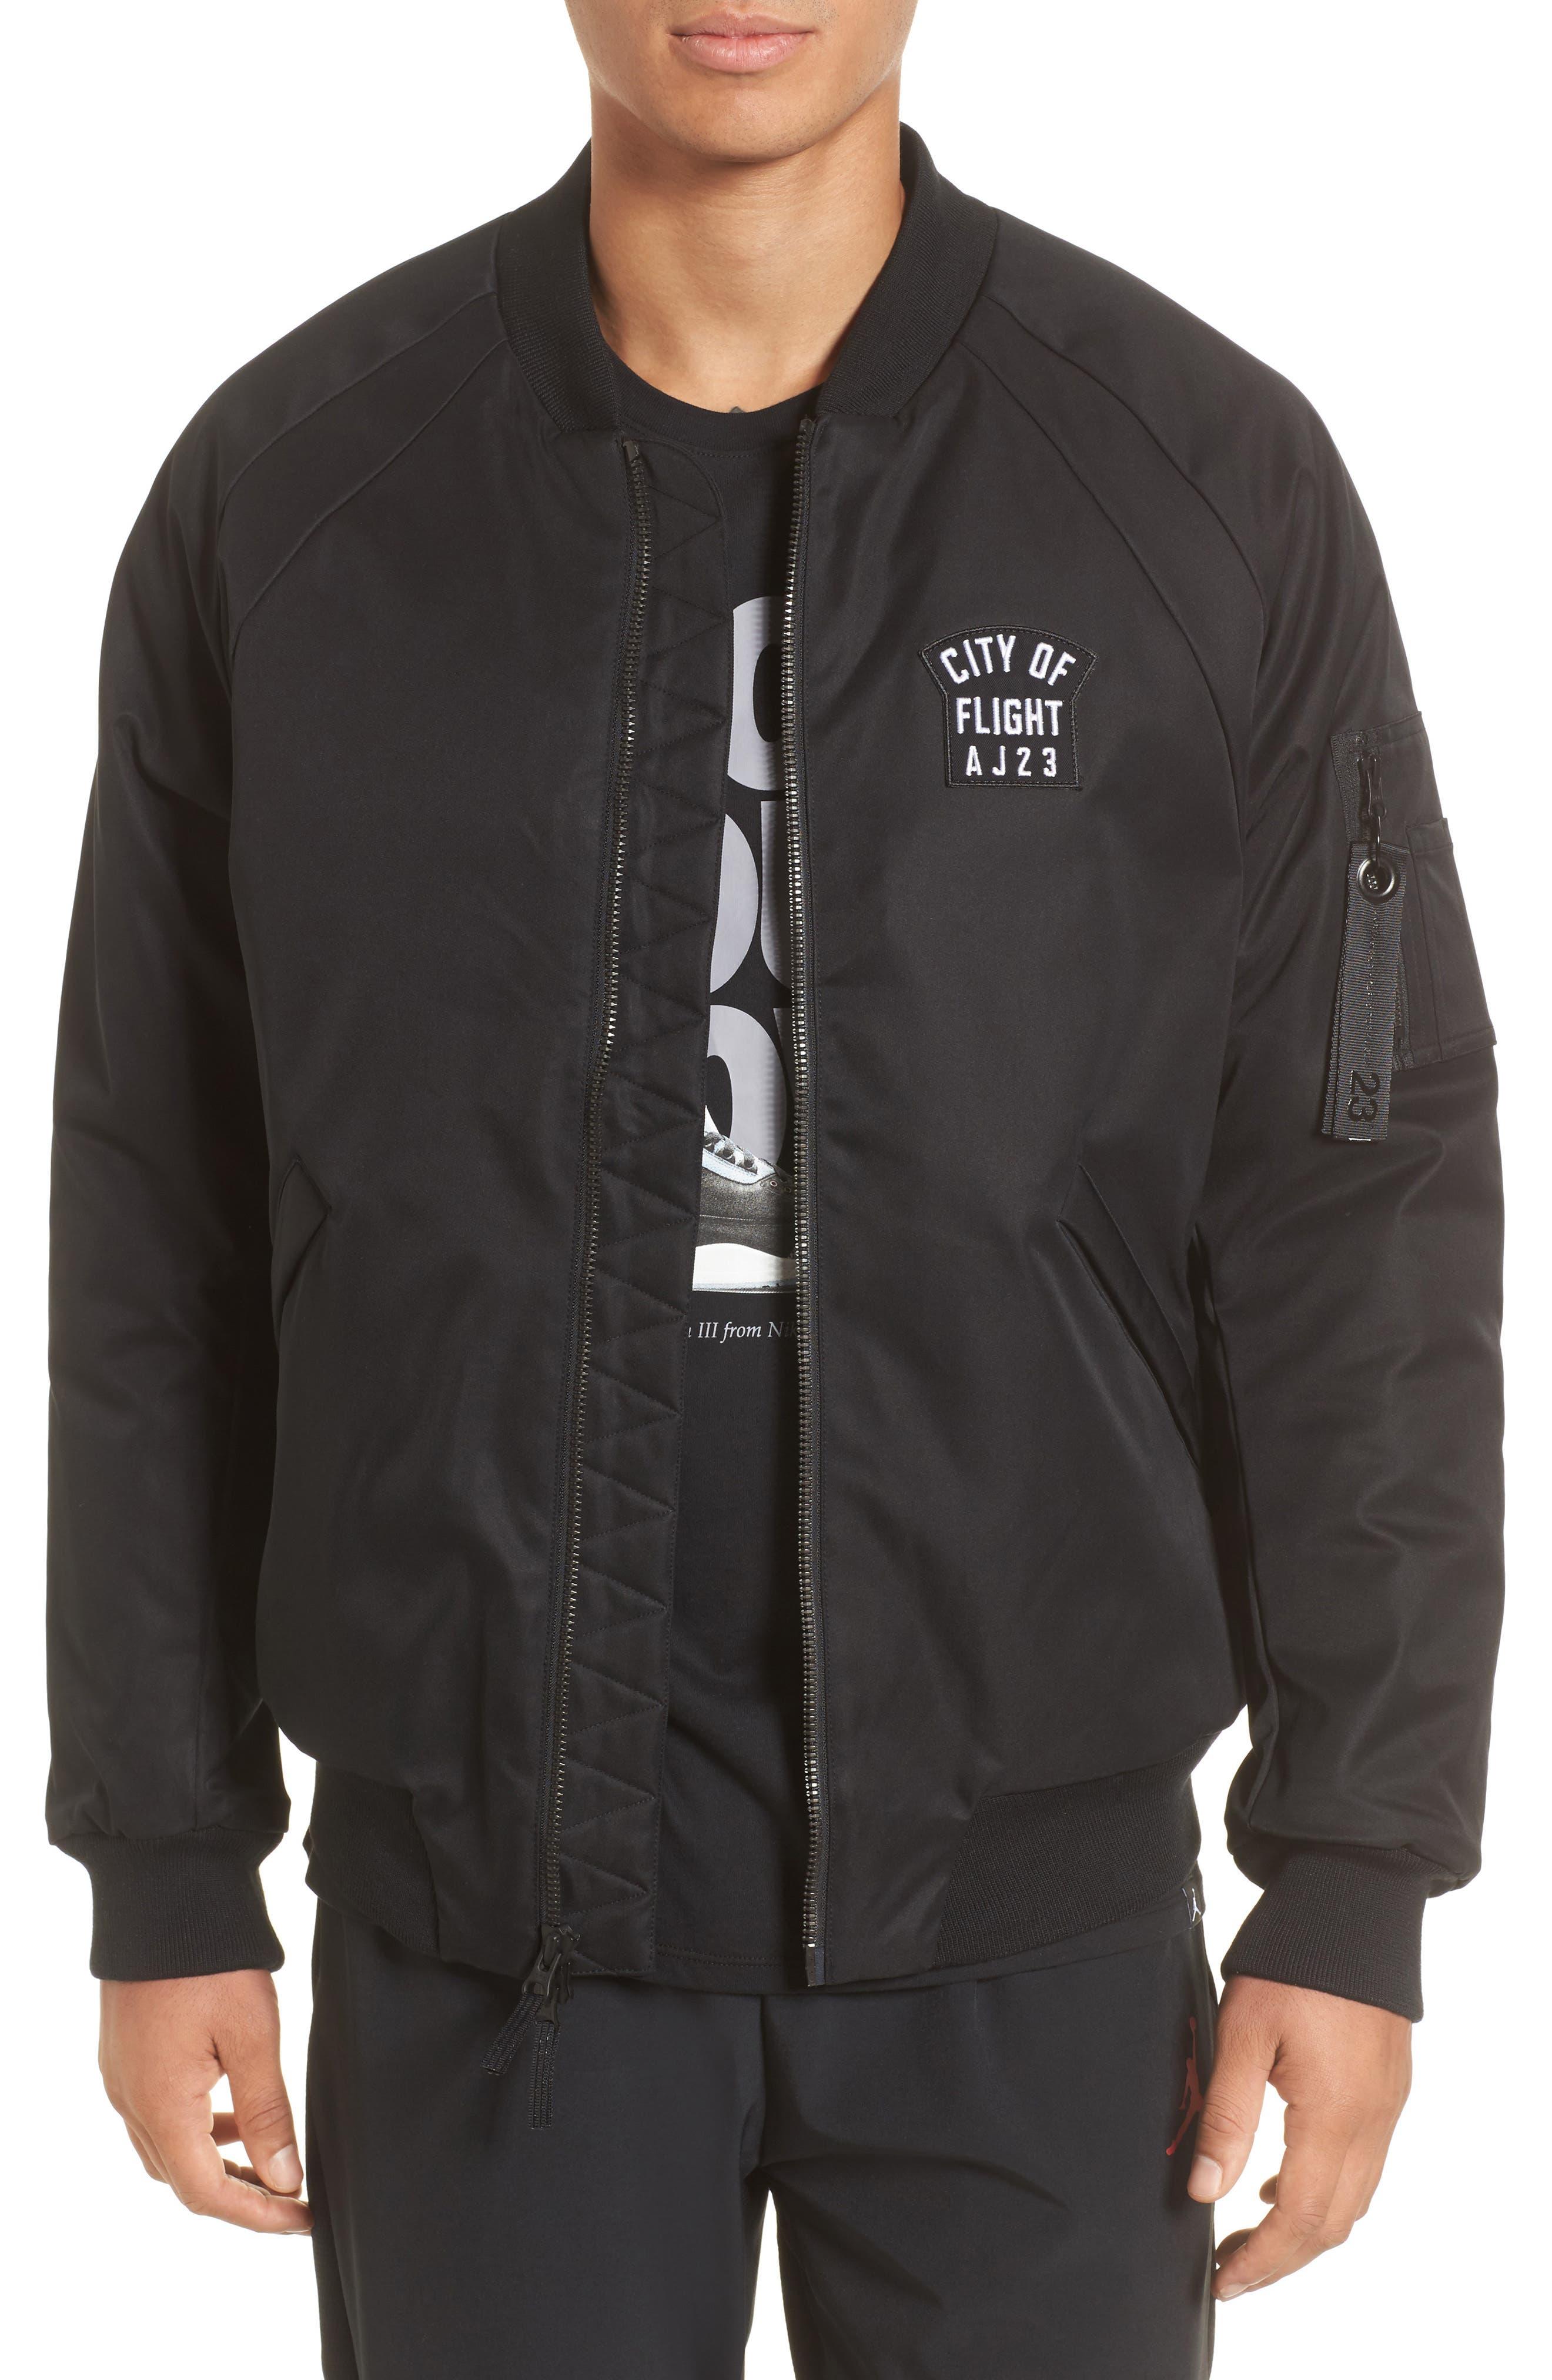 Nike Jordan Sportswear City of Flight MA-1 Bomber Jacket